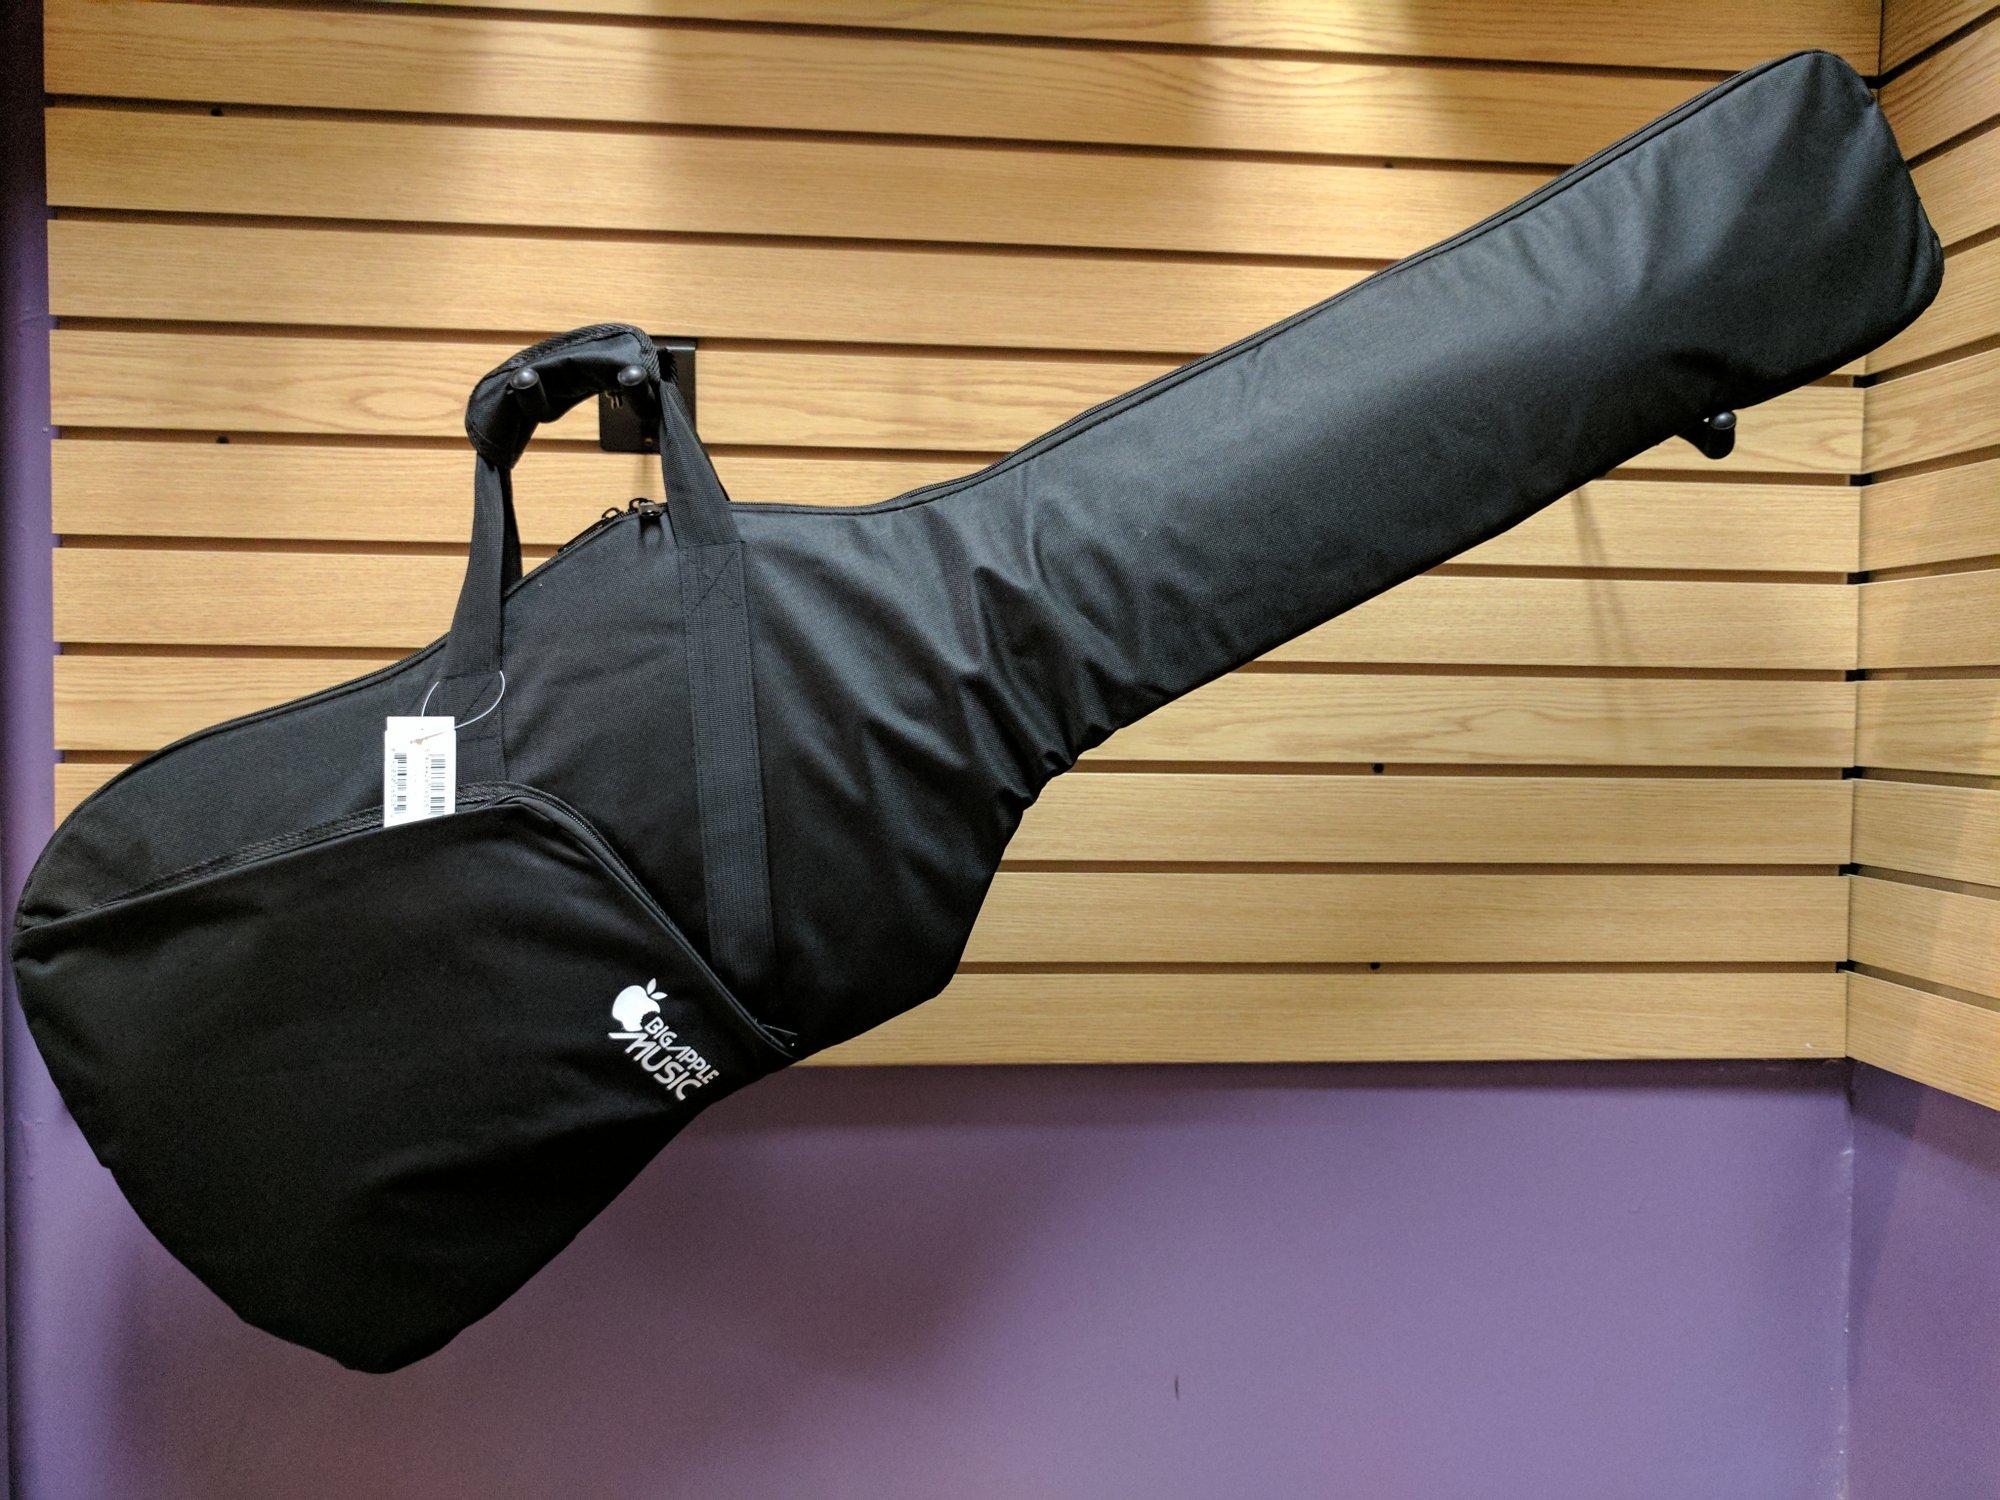 BAM Gear STB-10 UB Padded Bass Guitar Gig Bag